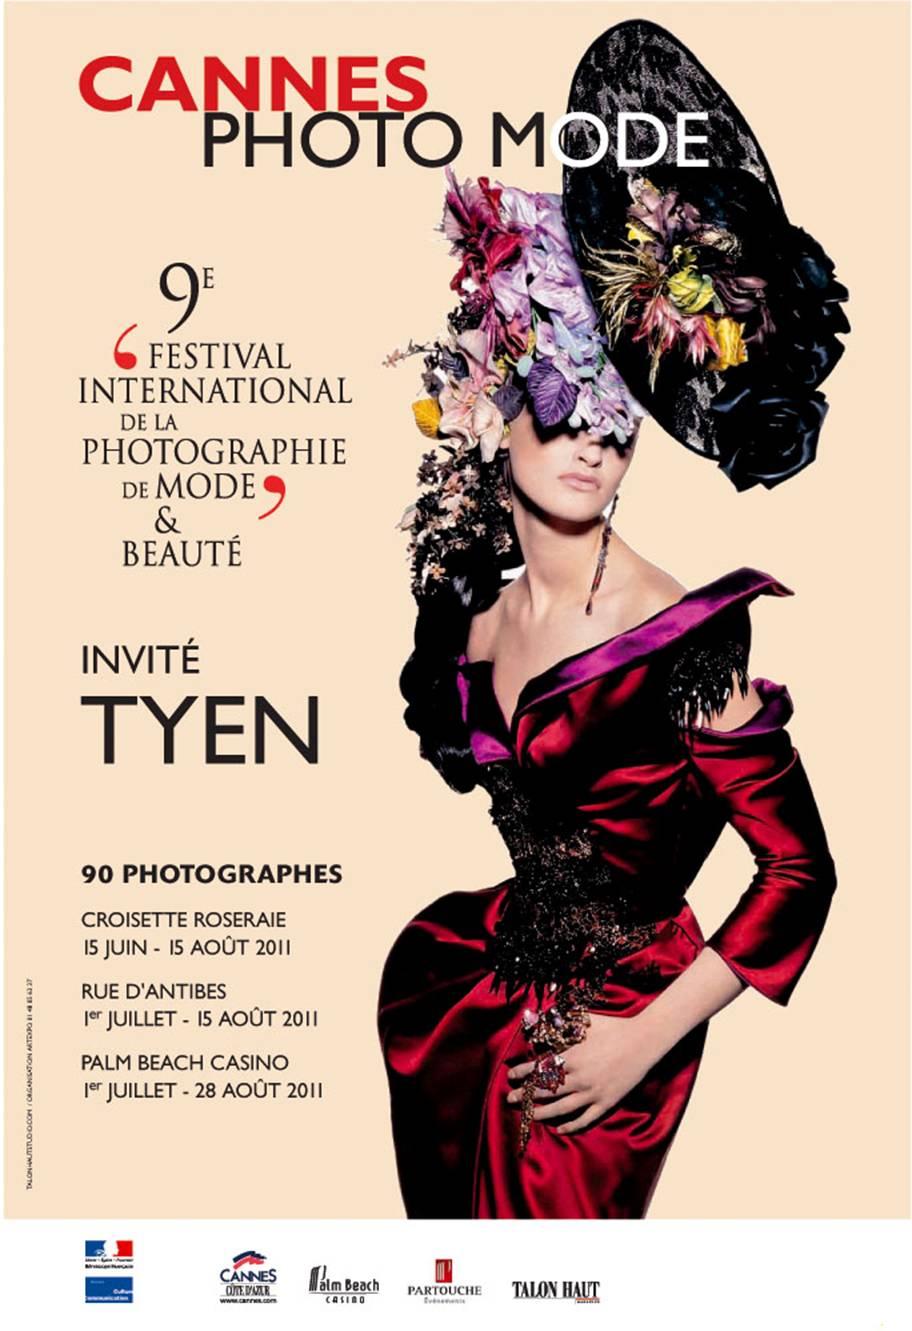 El fotógrafo Jesús Alonso presente en el Festival Internacional de Fotografía de Moda y Belleza de Cannes